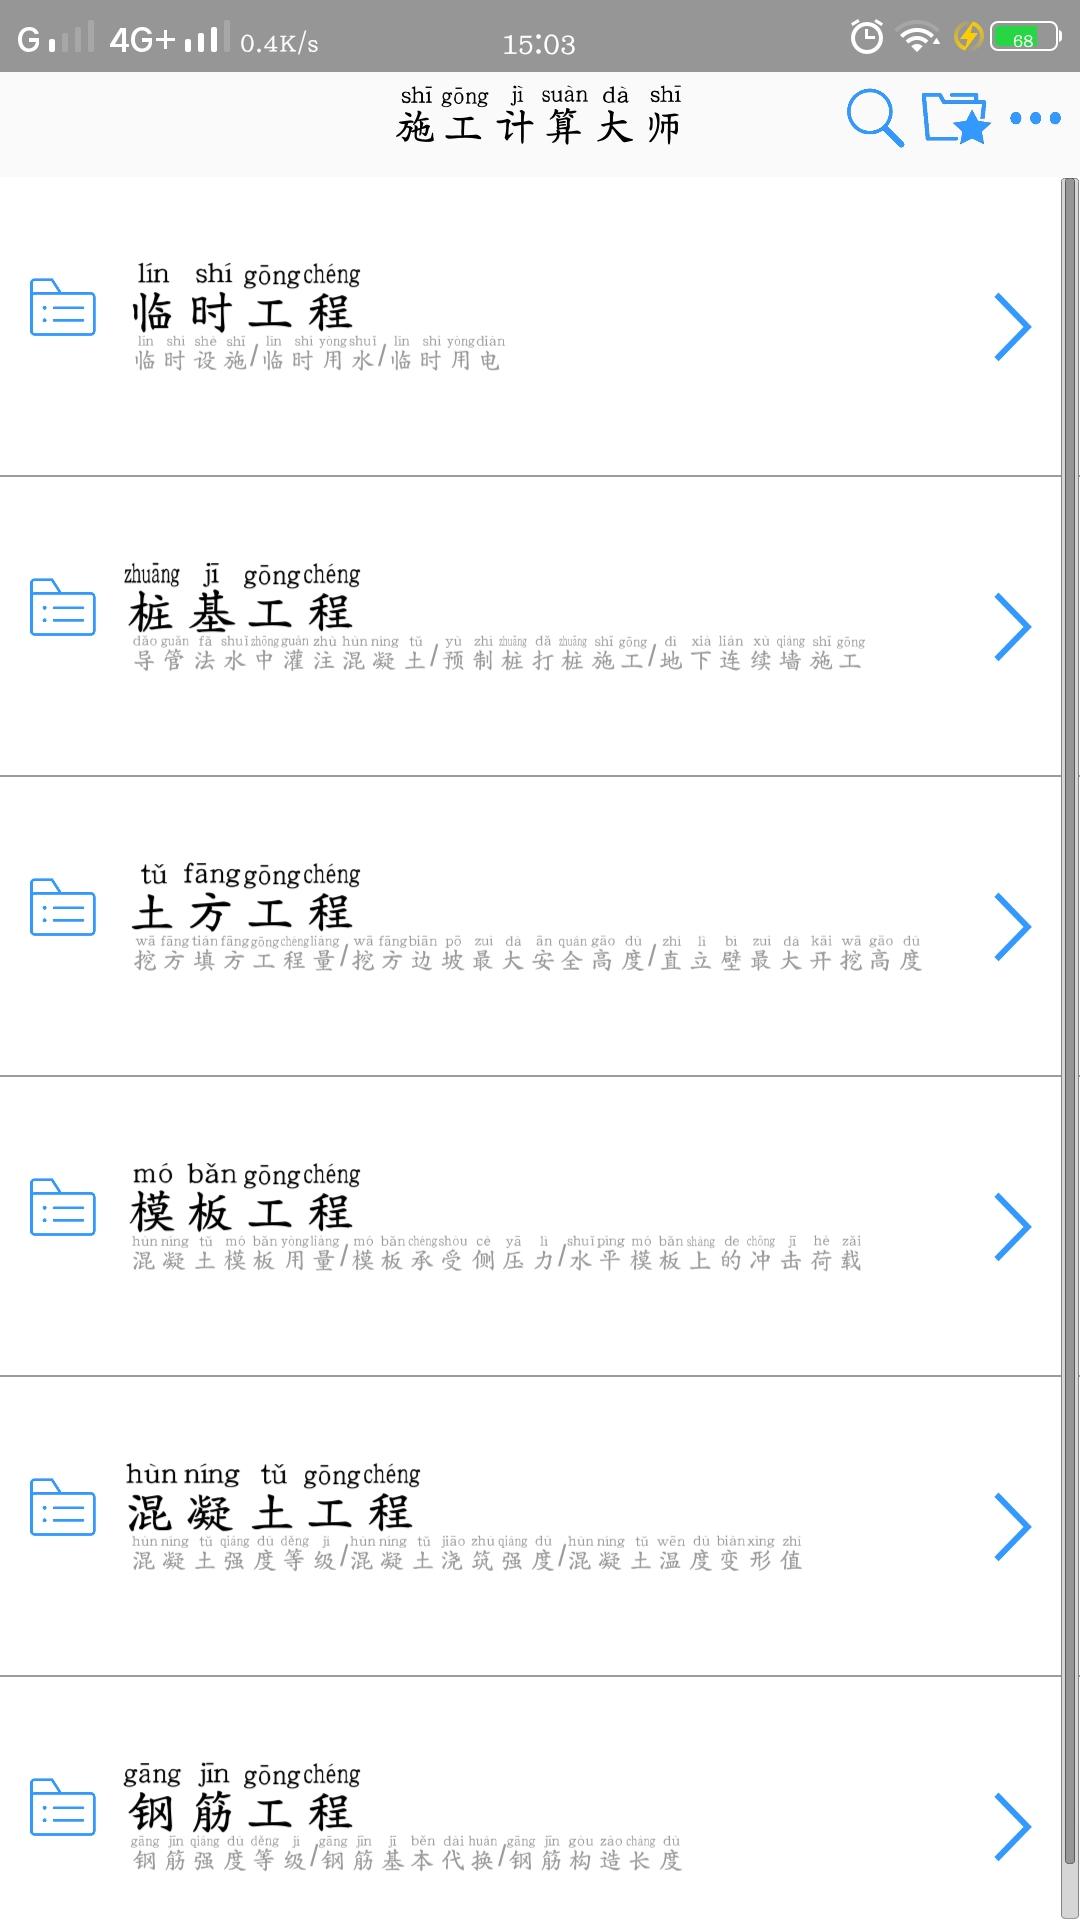 Screenshot_20180810_150316.jpg